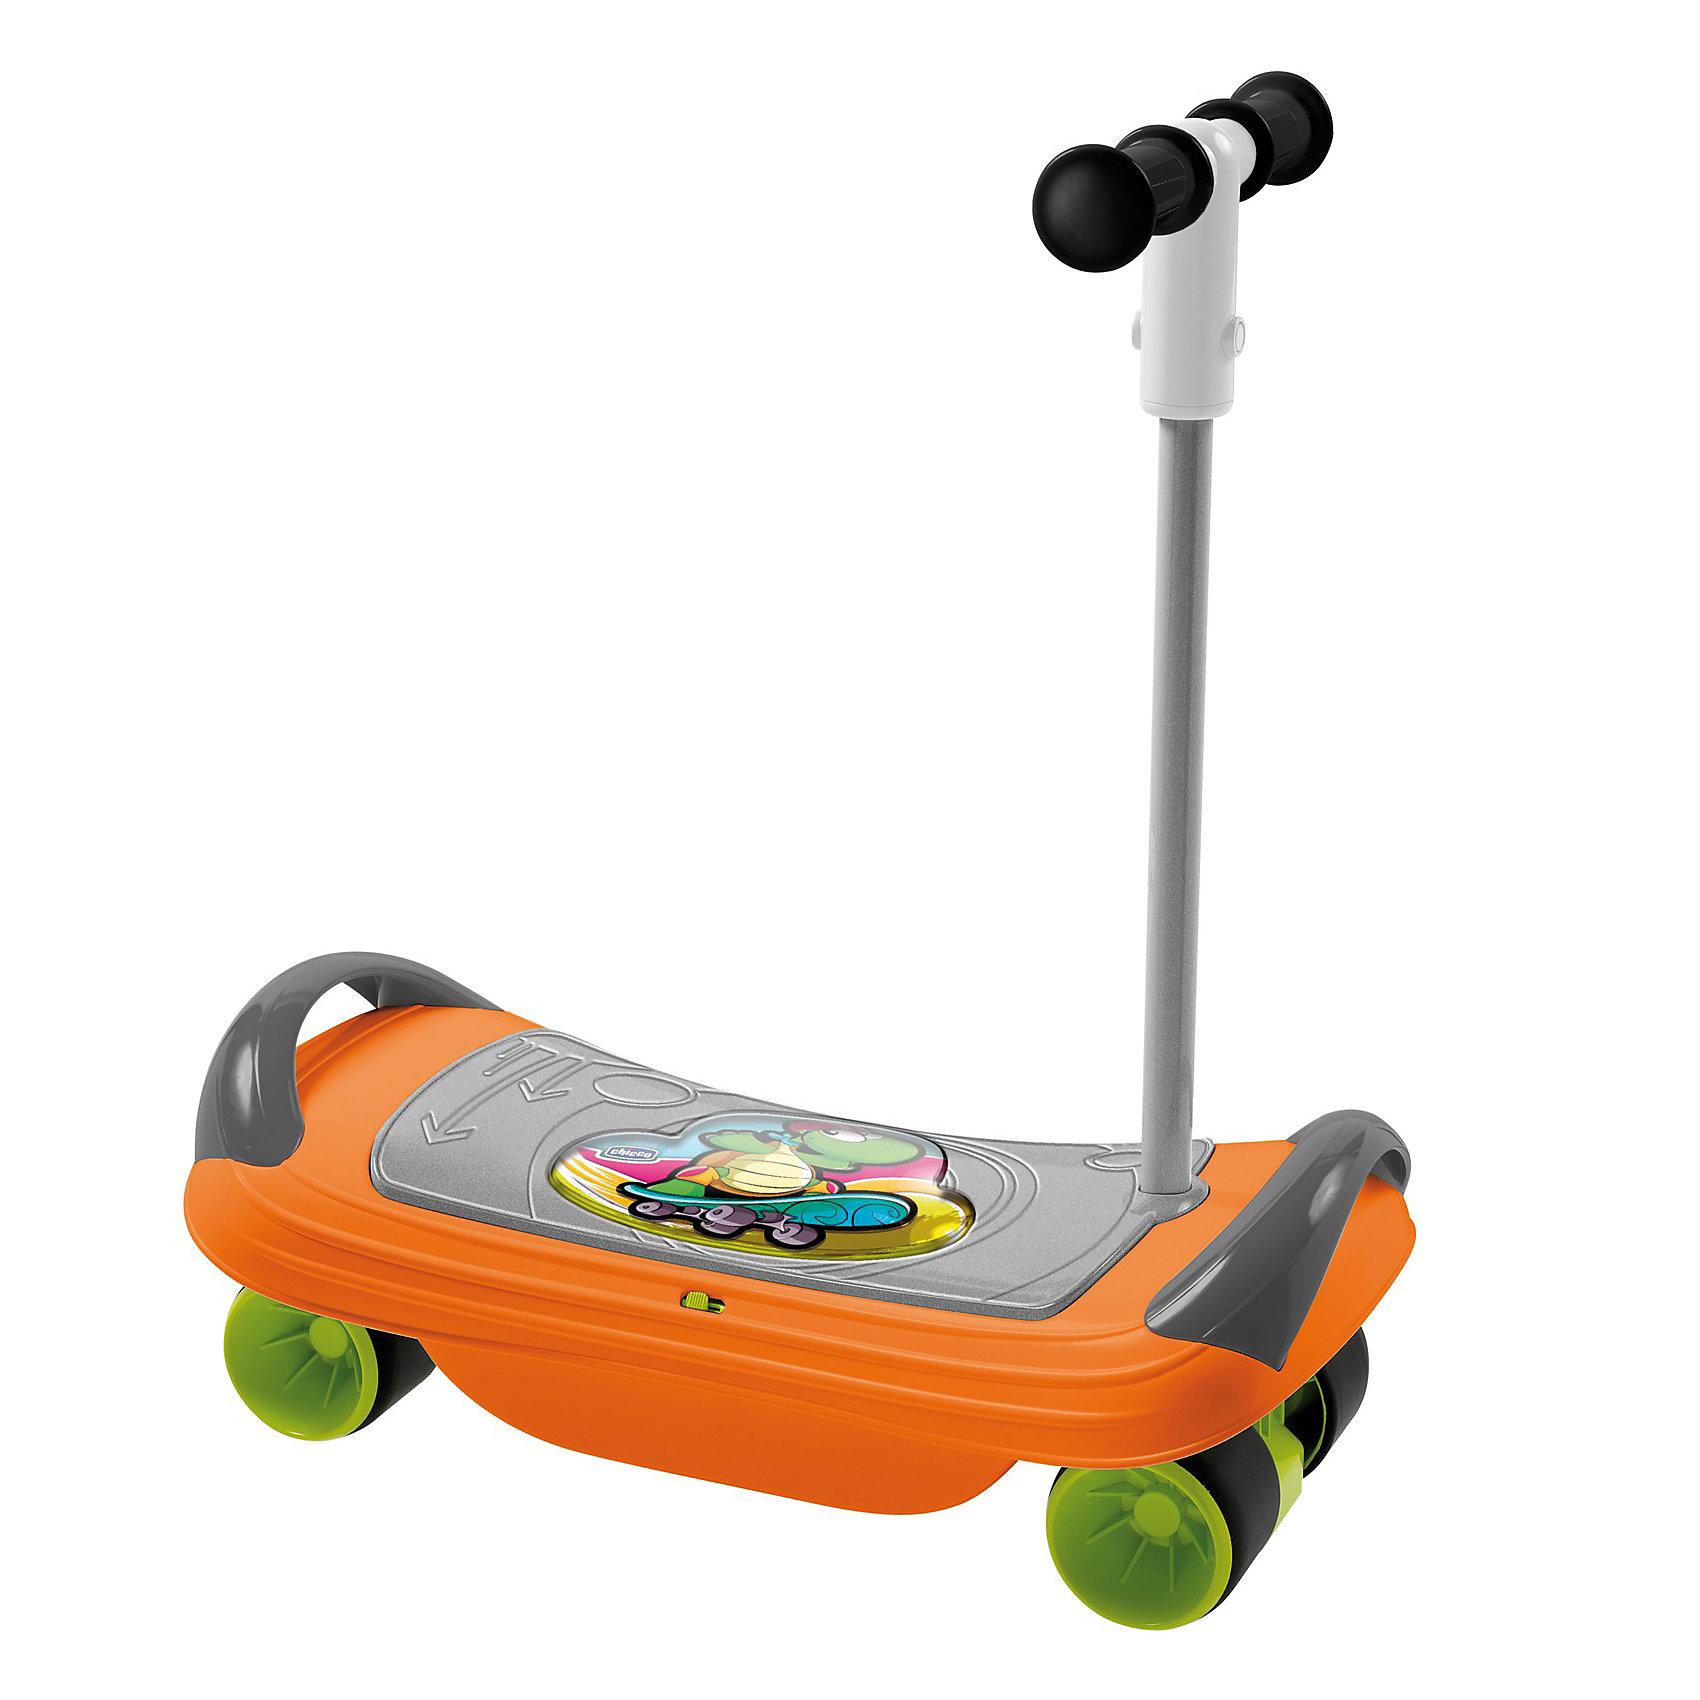 Скейтборд BalansKate, ChiccoСамокаты<br>Скейтборд BalansKate, Chicco (Чико) – это спортивно-развивающая игрушка 3 в 1 для детей от 1,5 года.<br>Стильный и быстрый Скейтборд BalansKate от Chicco станет новым спортивным увлечением Вашего ребенка! Скейтборд состоит из широкой доски с двумя ручками по бокам, четырех пластиковых колес с резиновыми накладками и съемной ручкой-рулем. Скейтборд BalansKate – это 3 продукта в 1 для развития последовательного баланса Вашего ребенка. Дети от 18 месяцев смогут развивать на скейте координацию движения и моторику, используя ее как доску для баланса. Музыкальные эффекты развлекут и развеселят малыша, но также и помогут балансировать – ведь мелодия прекращается, если малыш теряет равновесие. В 2 года можно пробовать использовать скейт как самокат. Для этого нужно лишь отвинтить раму с расположенными на ней колесами и вставить руль в специальную пройму. И наконец, для 3-х летнего ребенка игрушка превращается в полноценный скейтборд, на котором можно разгоняться и пробовать разнообразные трюки. Изготовлено из высококачественных безопасных материалов.<br><br>Дополнительная информация:<br><br>- Материал: пластик, резина, металл<br>- Размеры: 510 х 240 х 160 мм, высота руля 600 мм.<br>- Размер упаковки: 53 х 36 х 17 см.<br>- Батарейки: 2 х АА, 1,5 В (в комплект не входят)<br><br>Скейтборд BalansKate, Chicco (Чико) можно купить в нашем интернет-магазине.<br><br>Ширина мм: 540<br>Глубина мм: 360<br>Высота мм: 183<br>Вес г: 2364<br>Возраст от месяцев: 18<br>Возраст до месяцев: 48<br>Пол: Унисекс<br>Возраст: Детский<br>SKU: 3587135